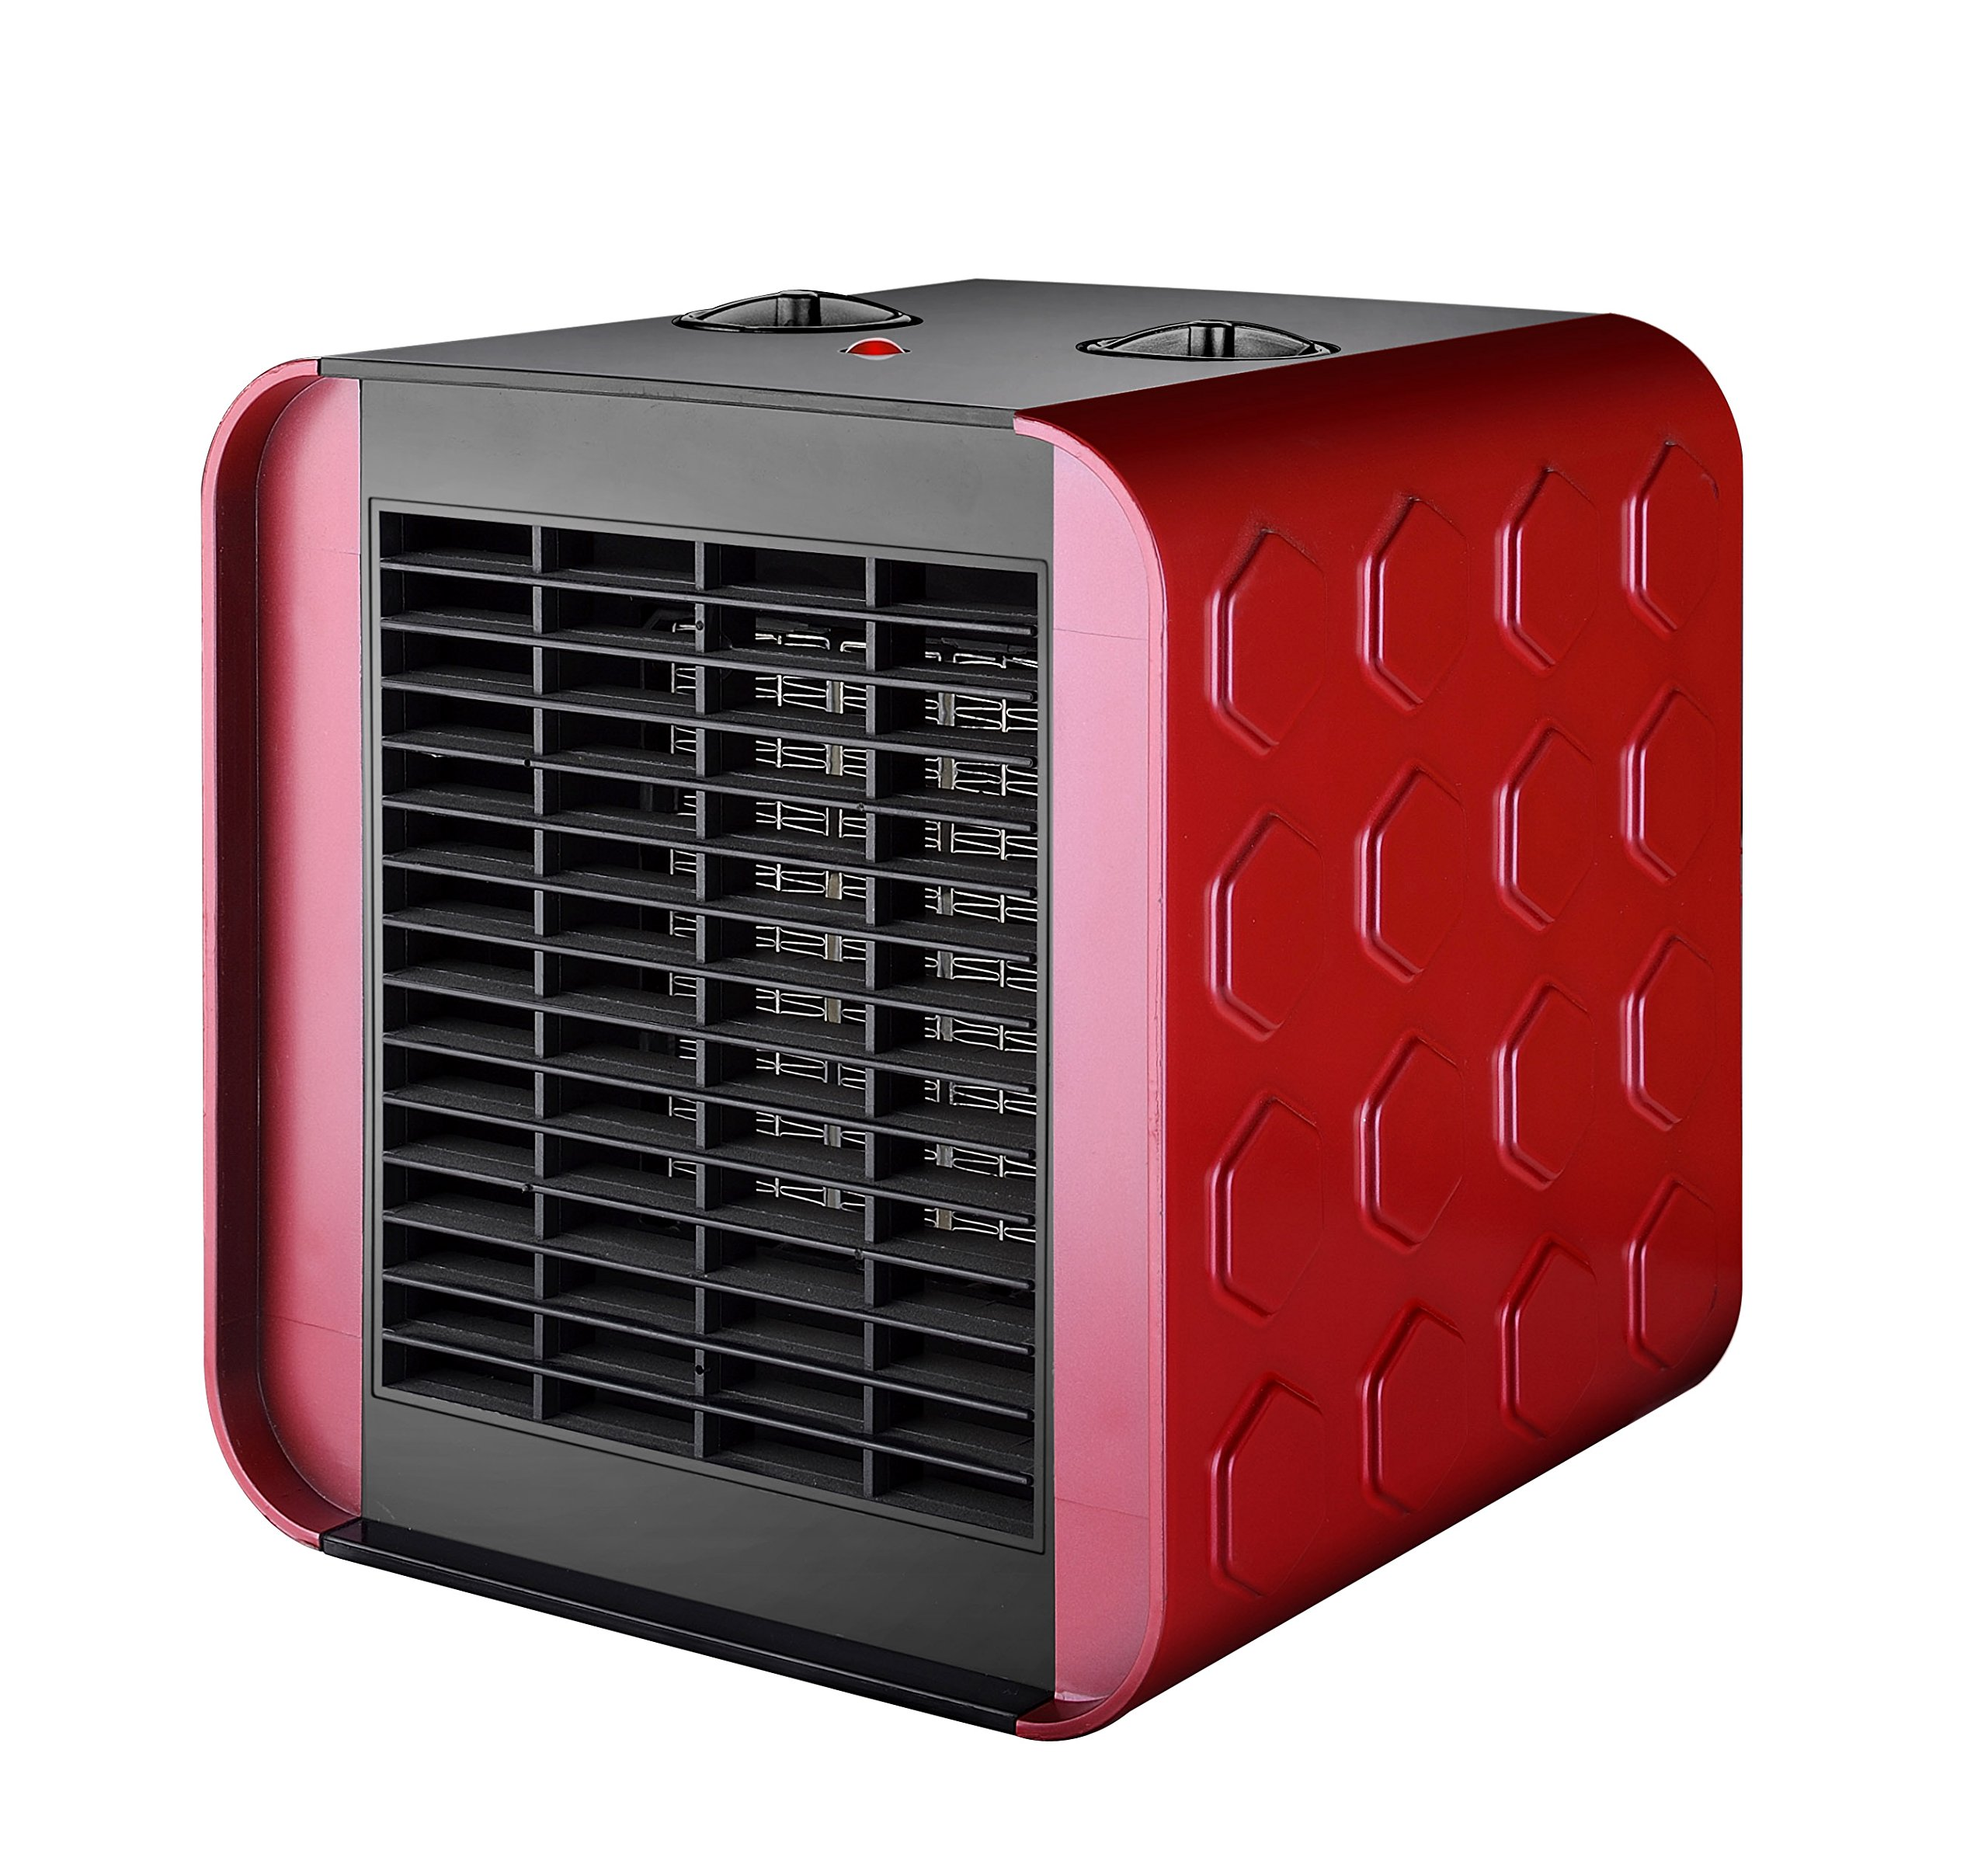 Termoventilatore ceramico PTC oscillante con potenza regolabile da 750 a 1500 Watt